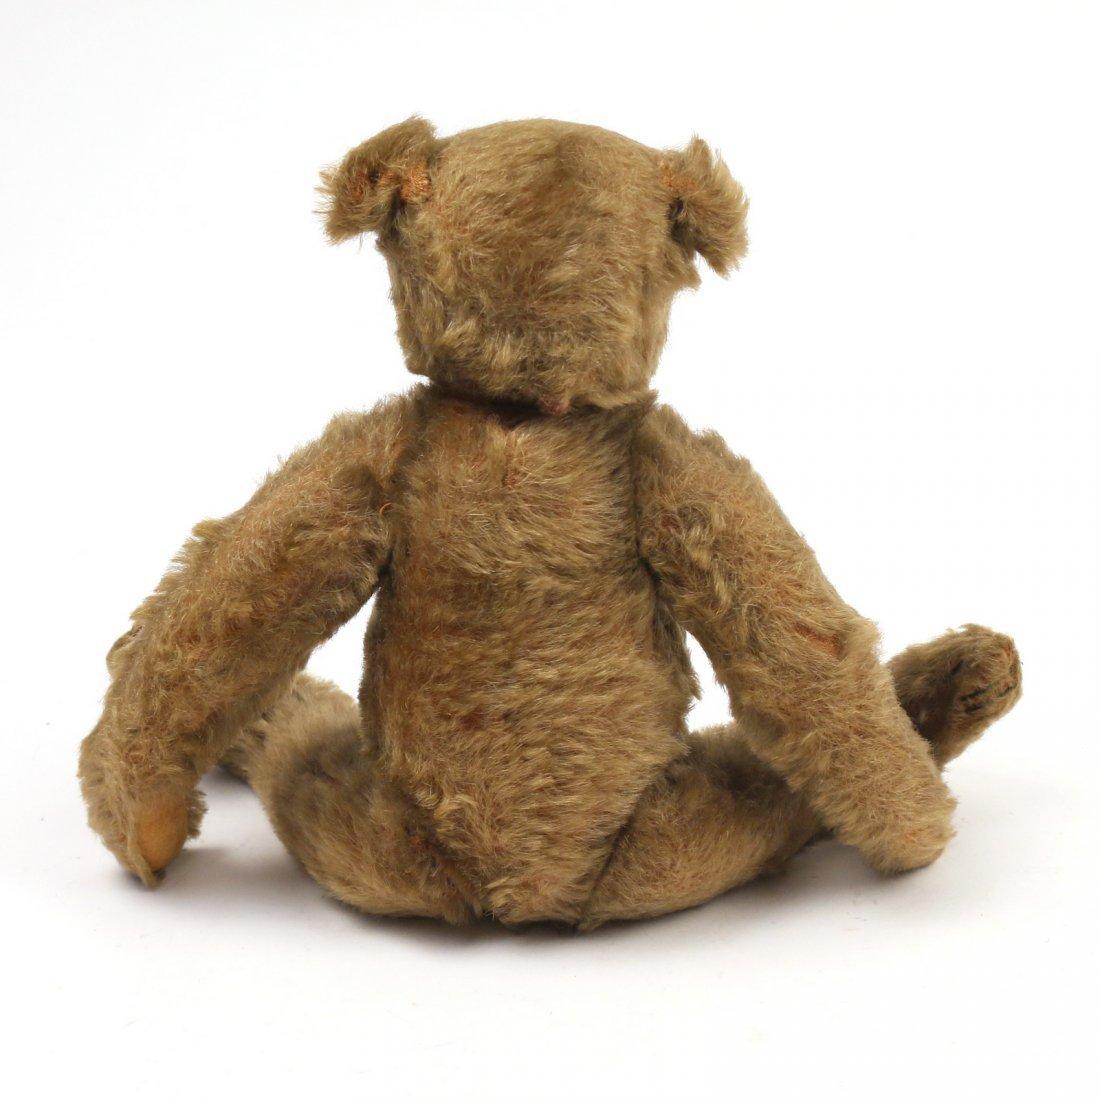 EARLY 20th C. STEIFF TEDDY BEAR - 3